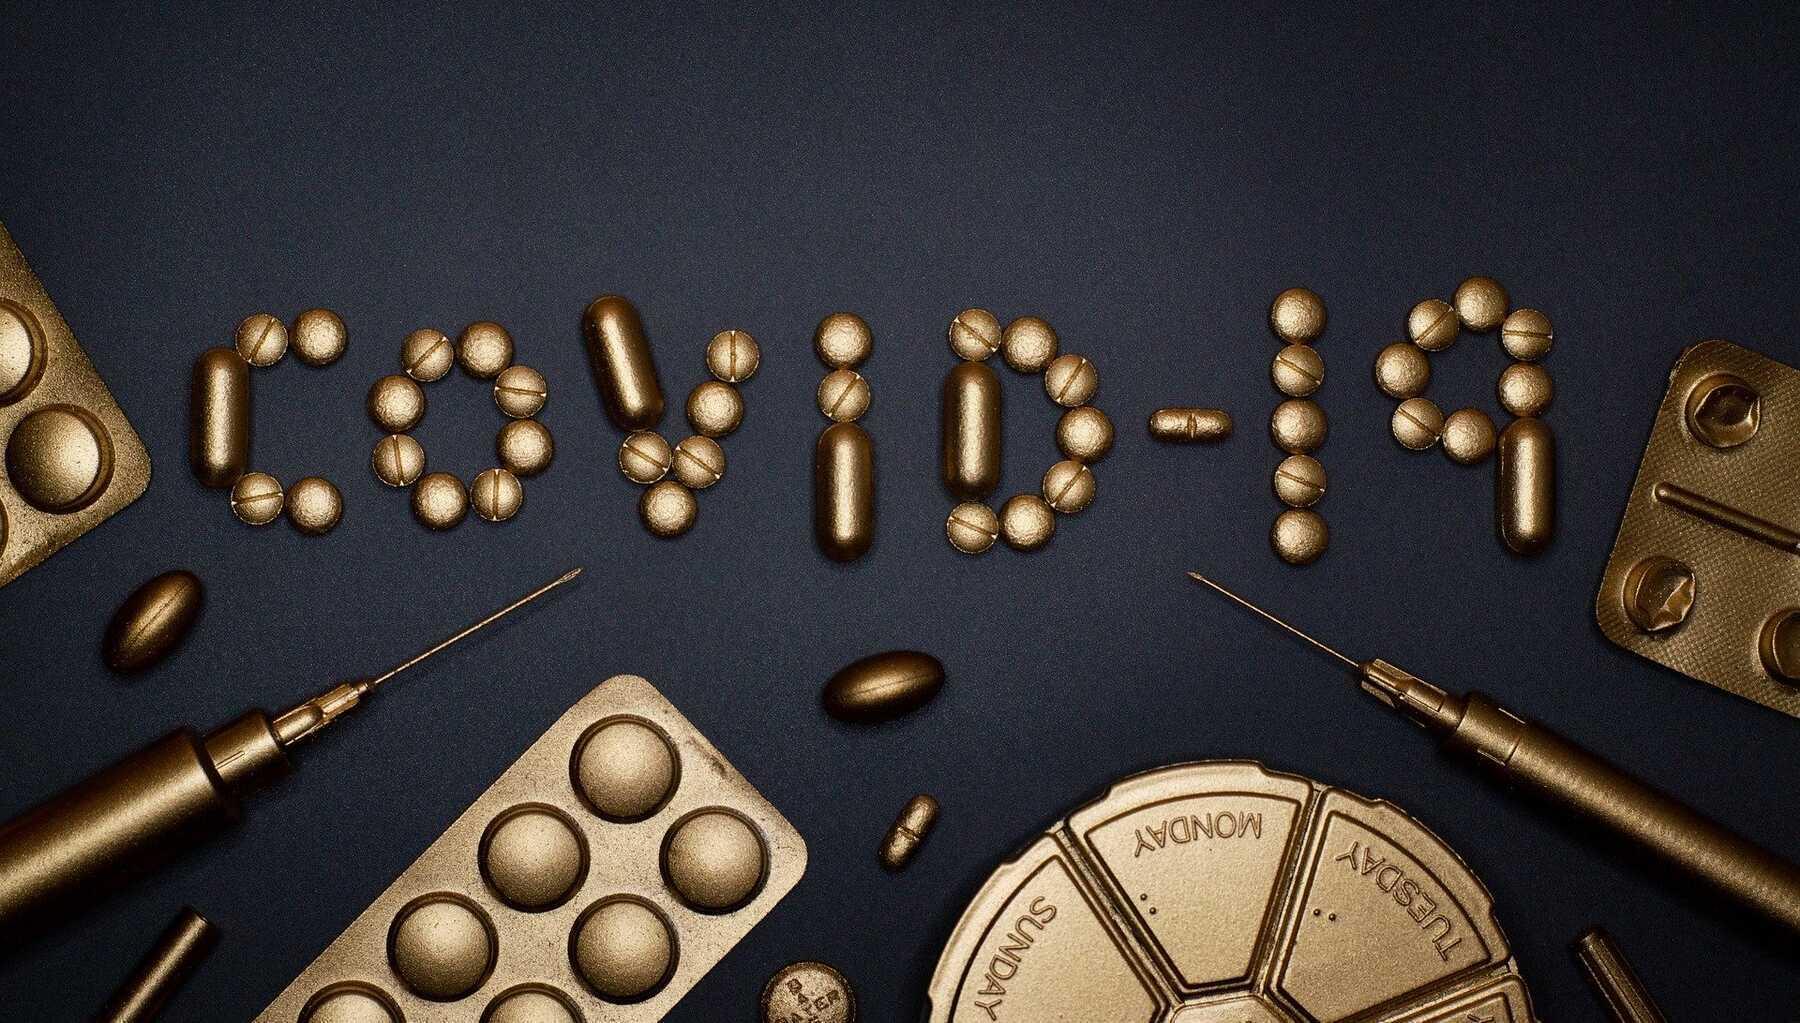 Covid-19 vaccin moet voor iedereen toegankelijk zijn